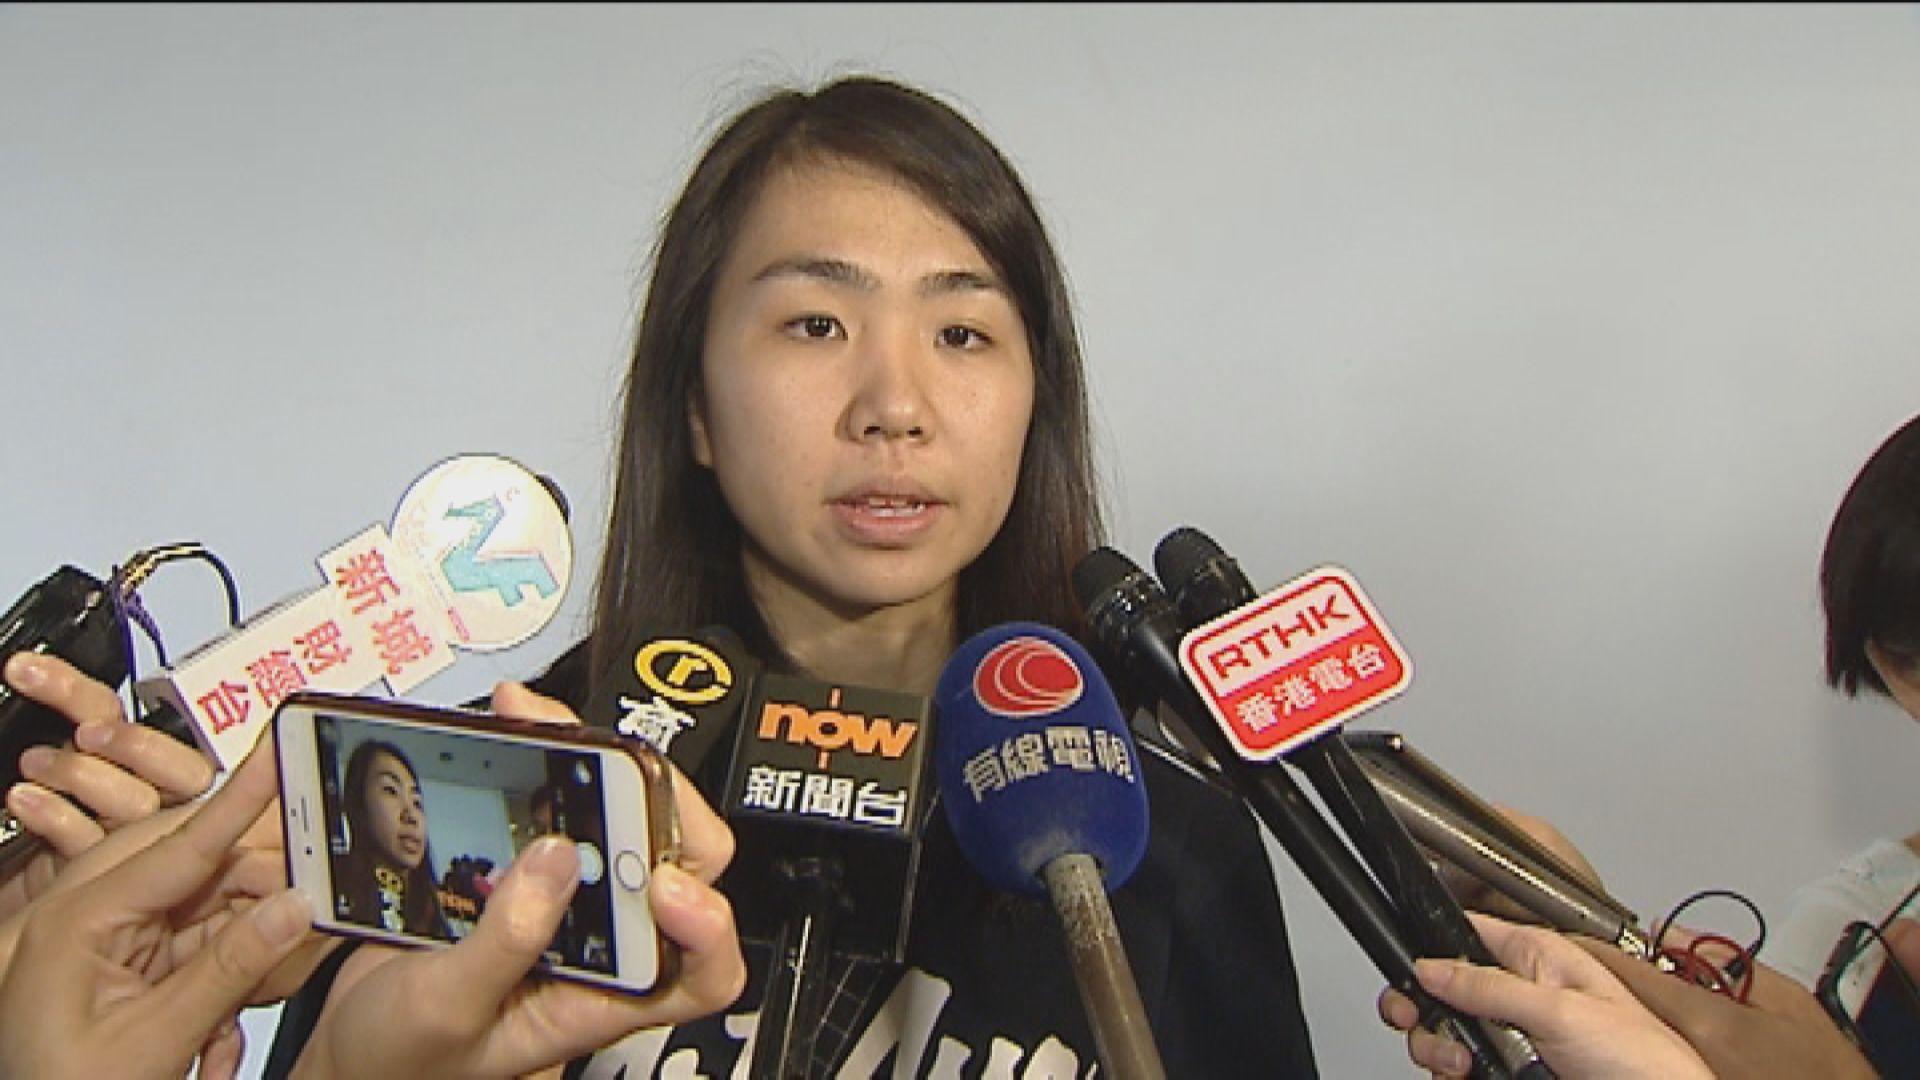 港大學生會前會長孫曉嵐被控進入會議廳